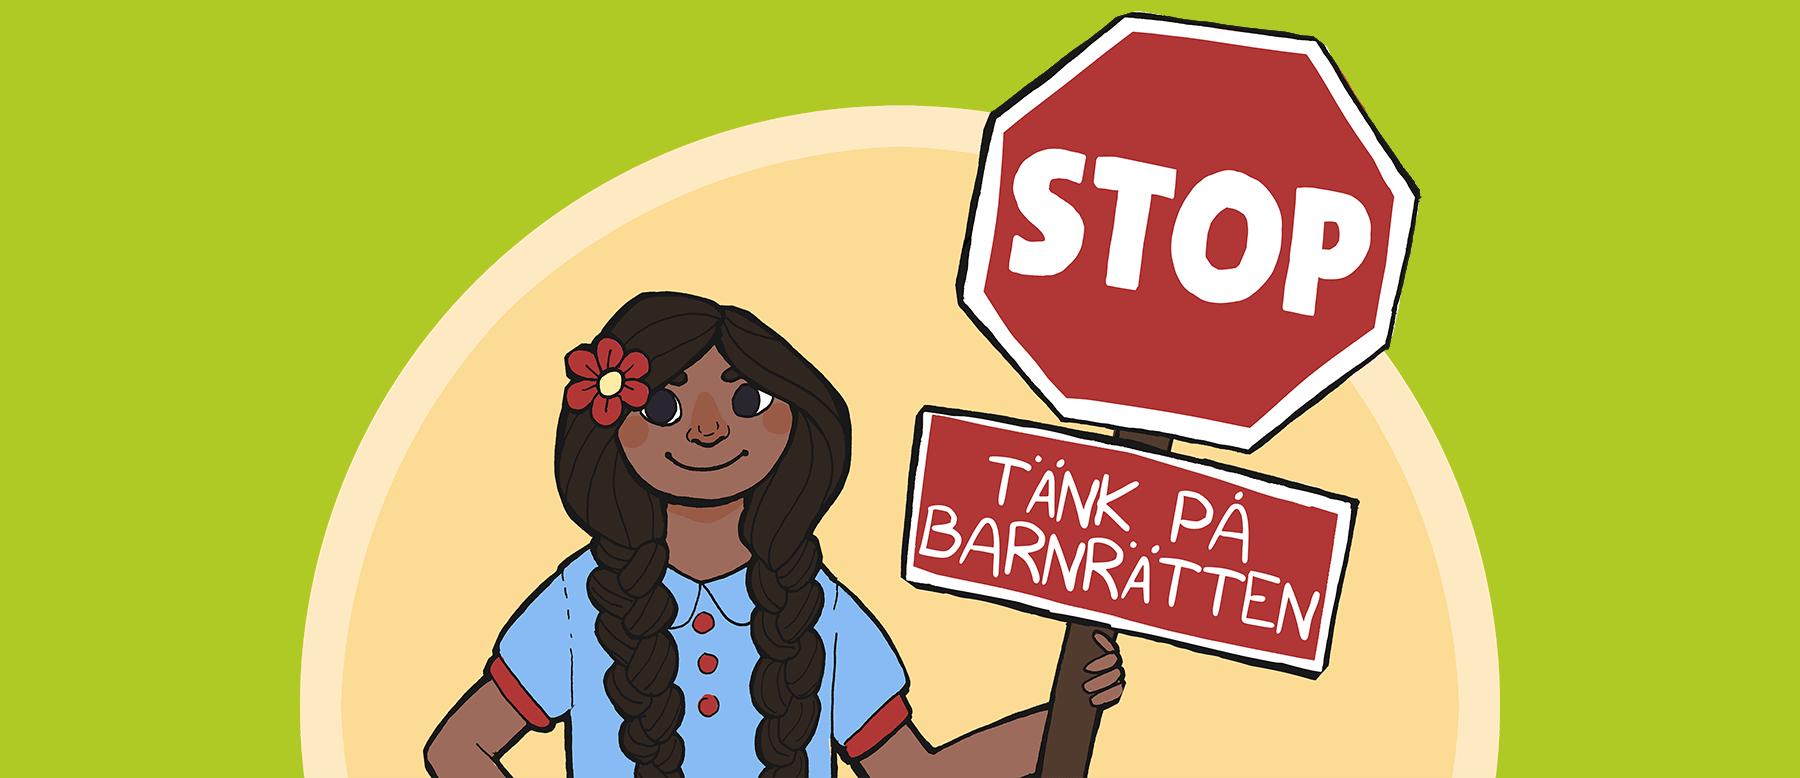 Stop - tänk på barnrätten! Barns och ungas rättigheter.